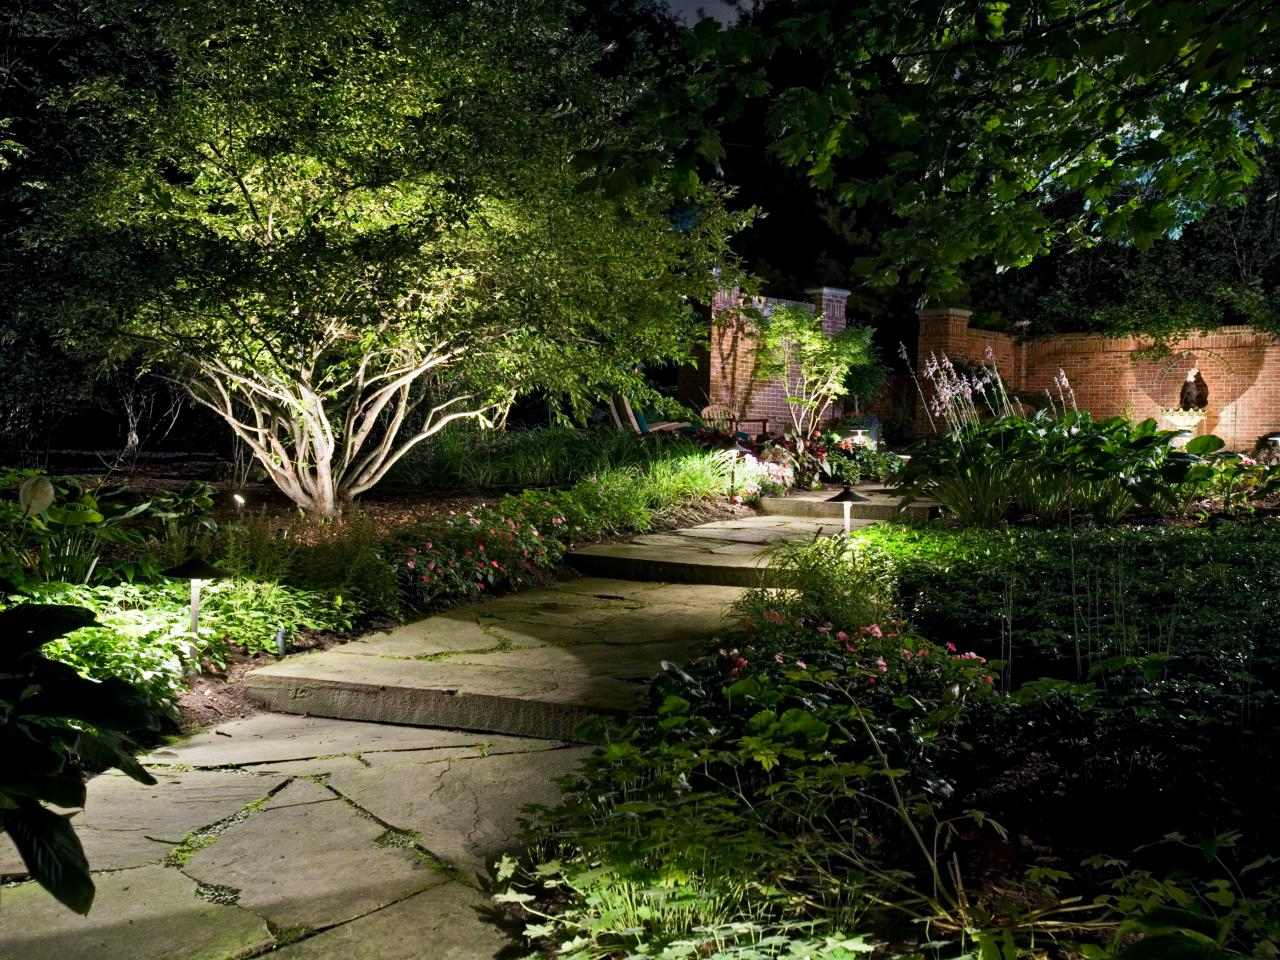 Pathway Lights Image 1.jpg